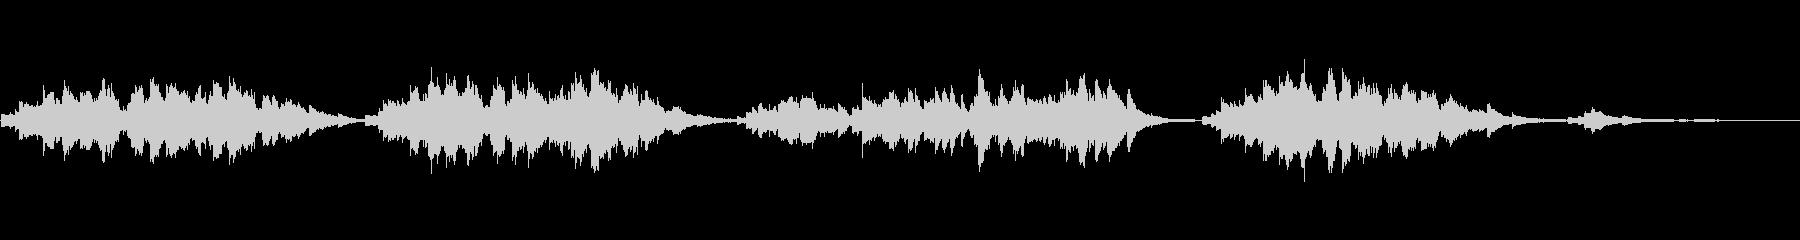 優雅なクラシック シューマンのピアノ曲の未再生の波形